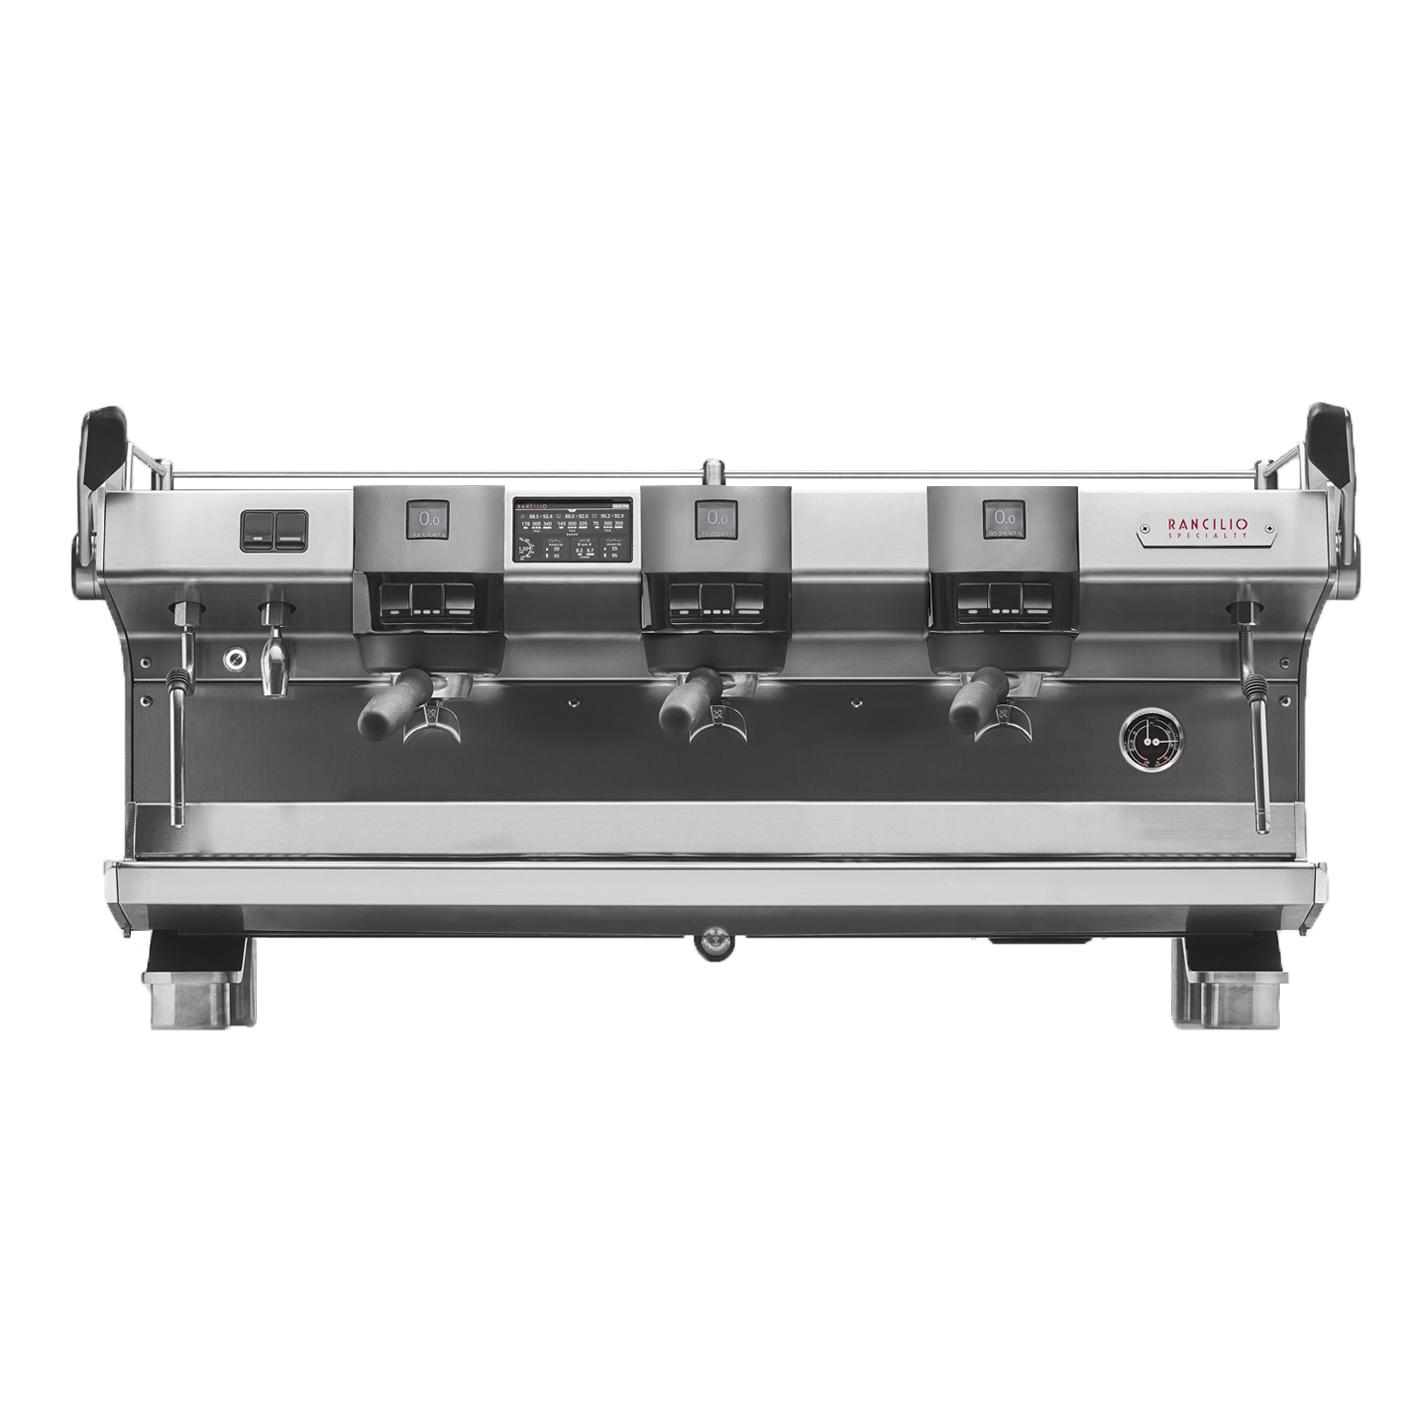 Rancilio Specialty Commercial Espresso Machine